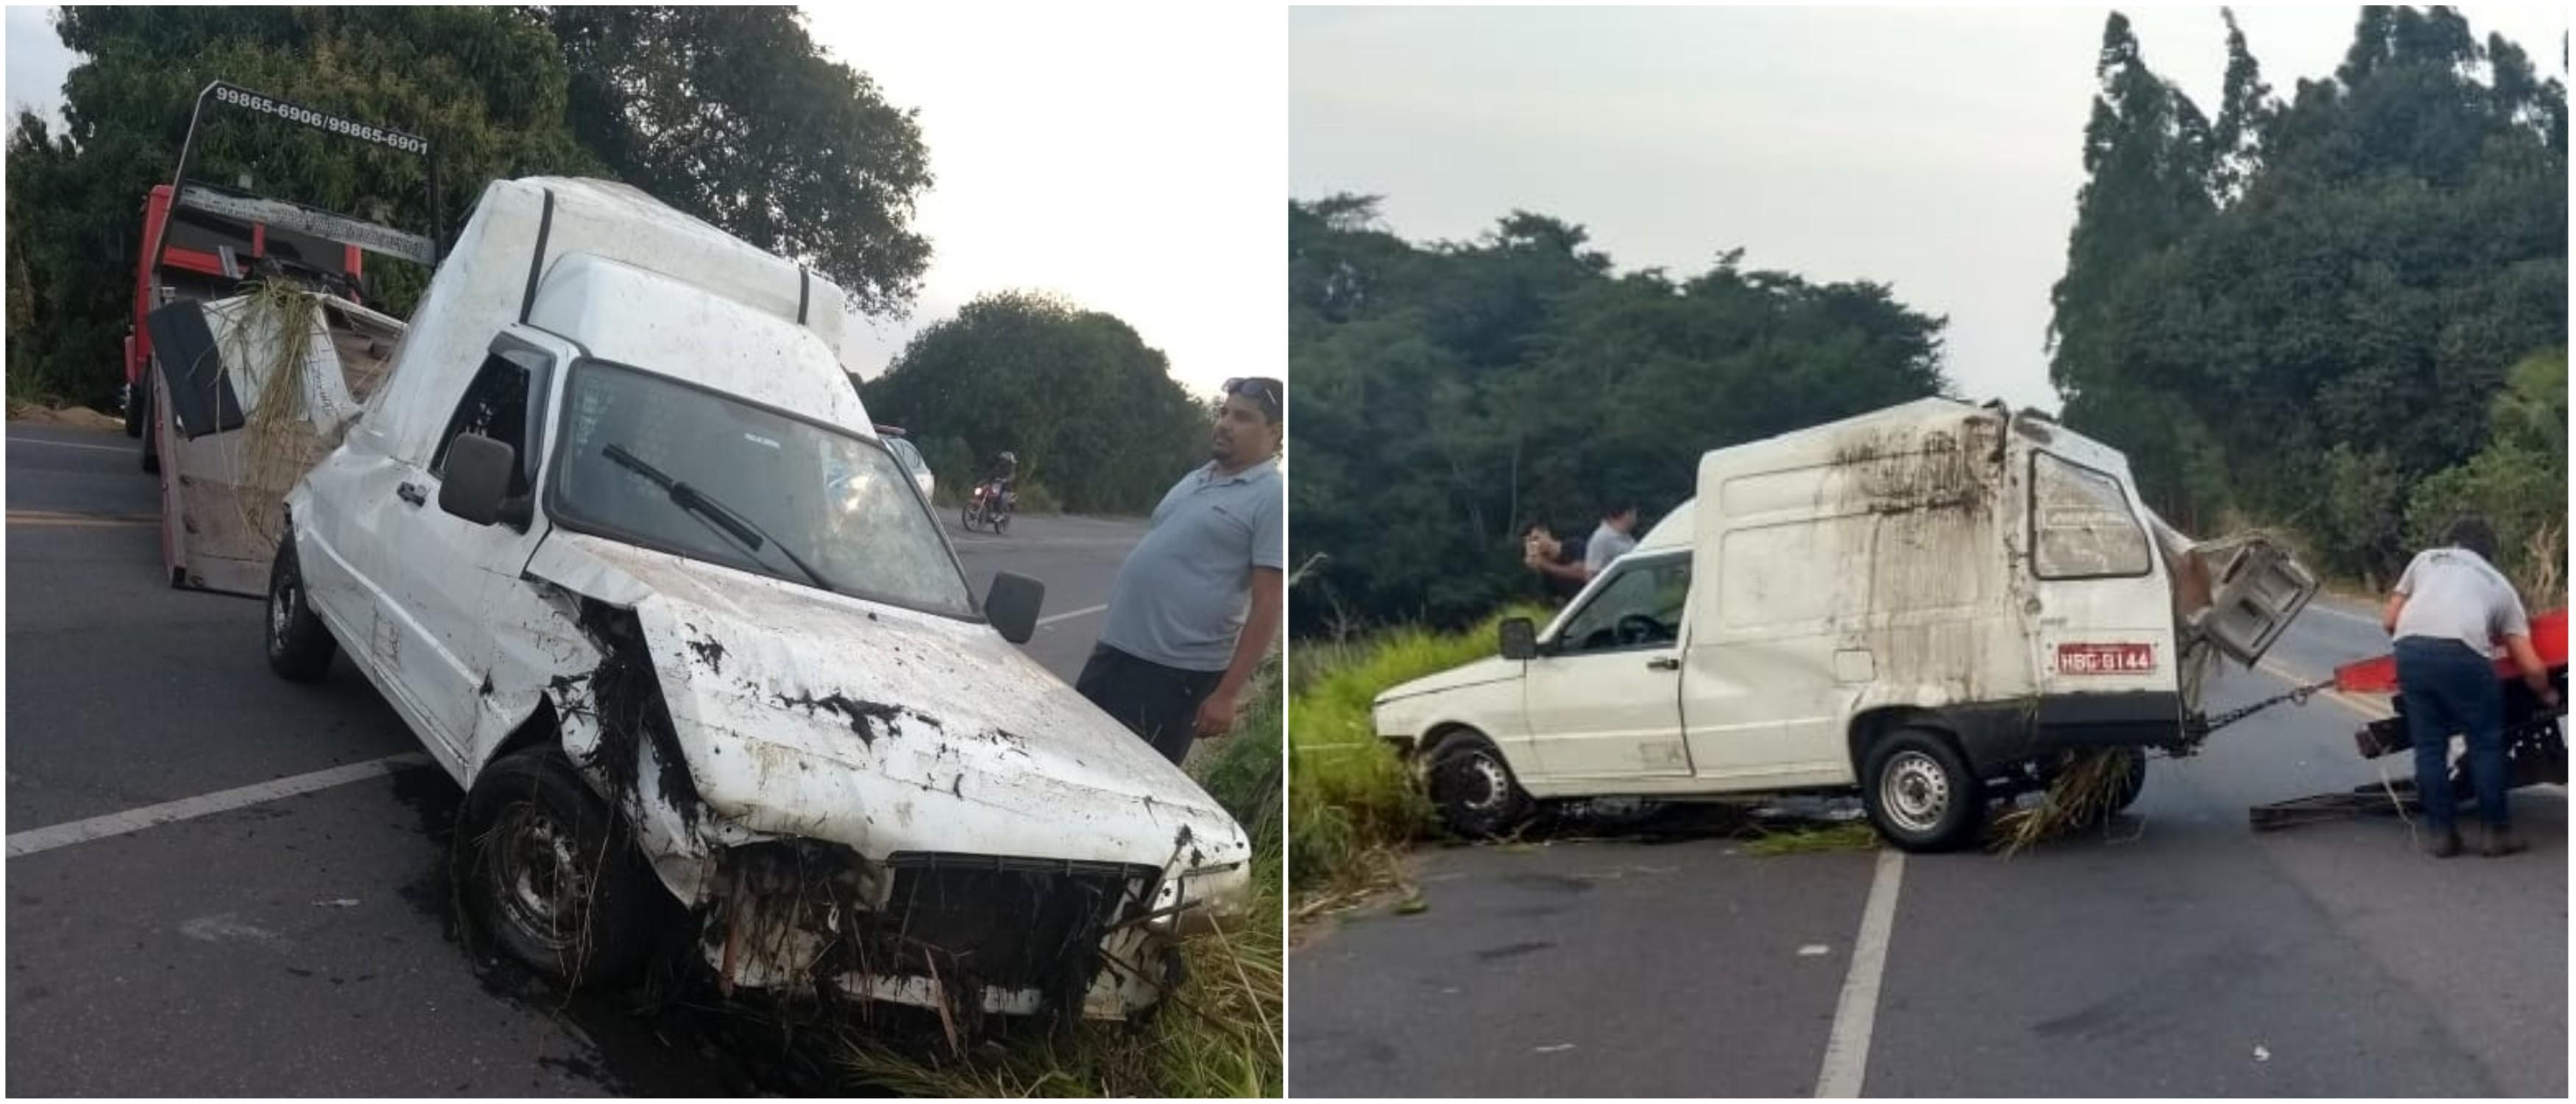 Carro capota e cai em ribanceira na RJ-224, em São Francisco de Itabapoana, no RJ - Notícias - Plantão Diário